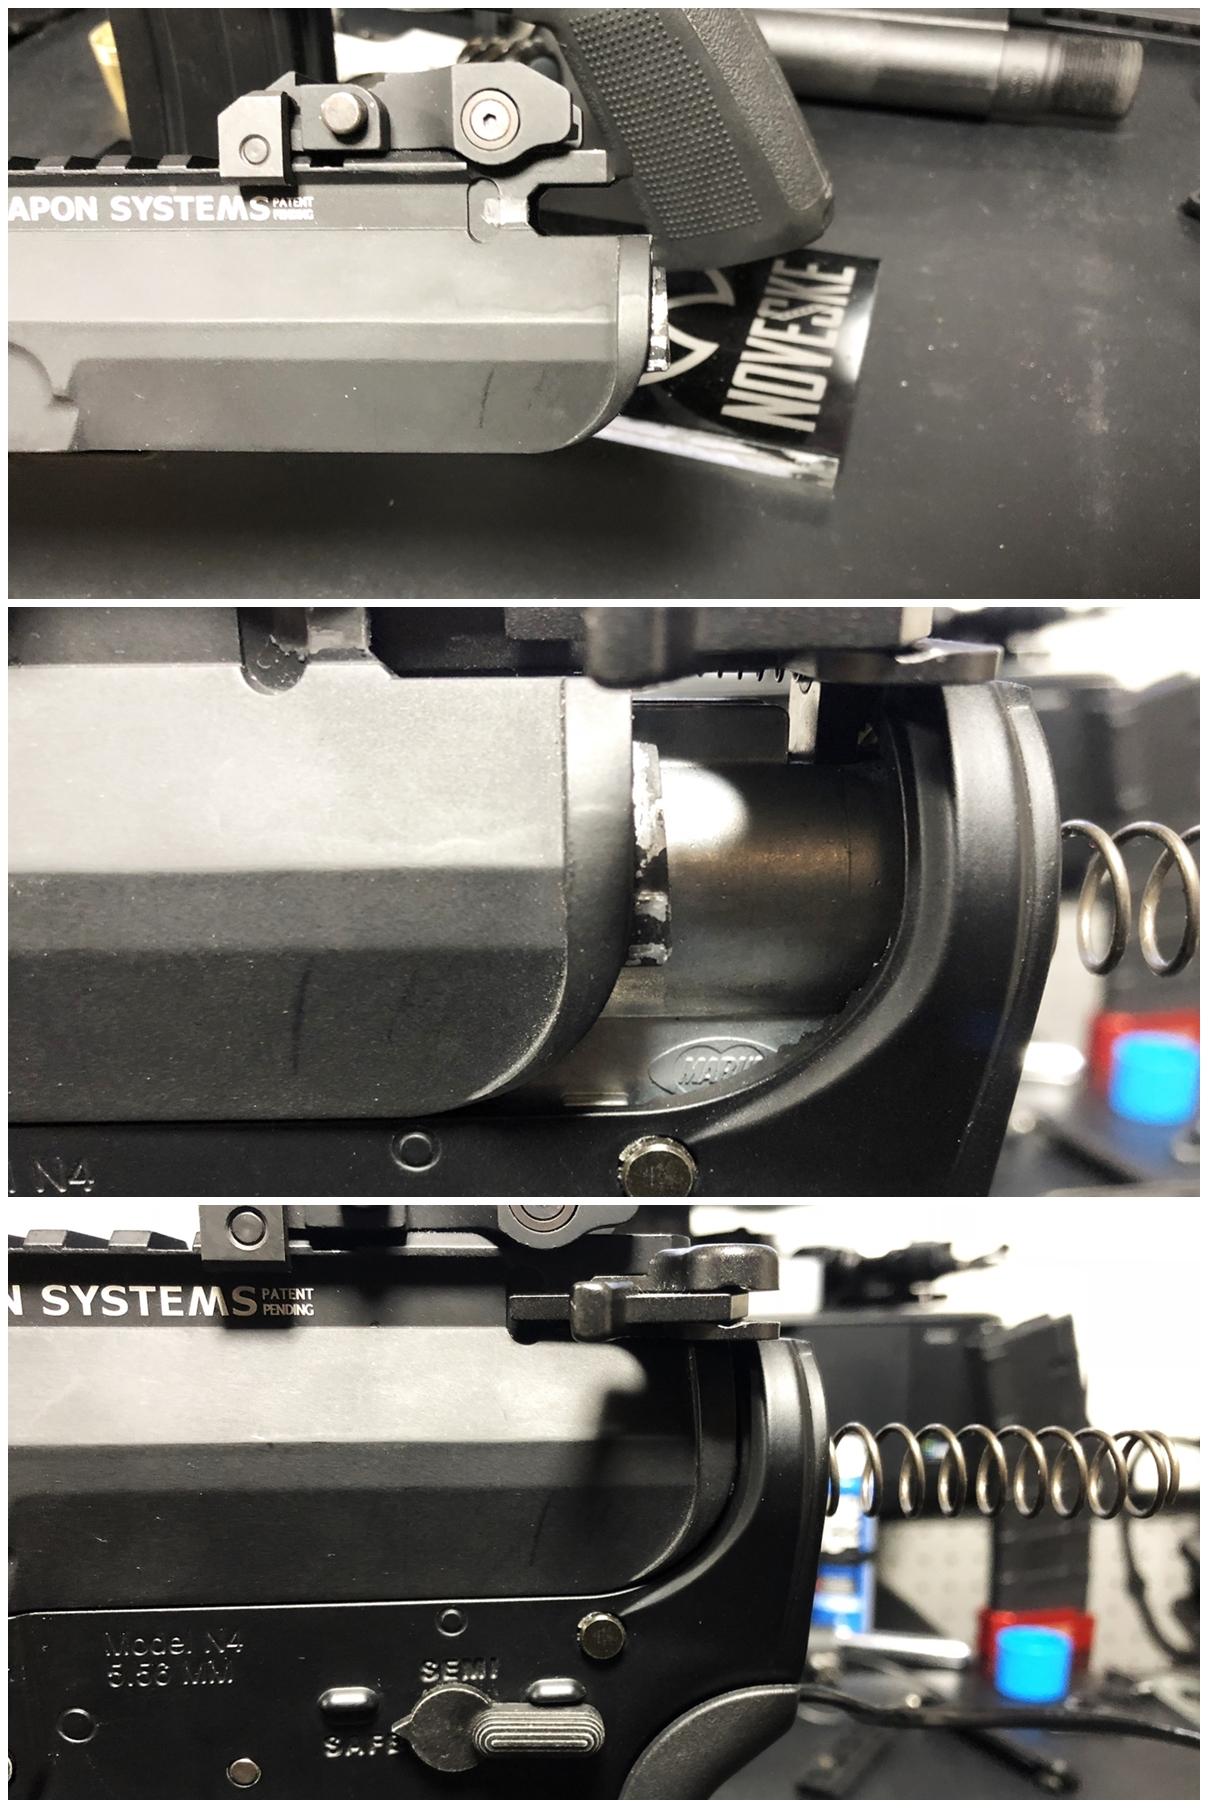 25 次世代 M4 CQB-R 電動ガン 実物 KAK ストック 取付 改造 カスタム 大作戦 第五弾!! やっと加工を再開!! 実銃 ストックパイプ AR フォールディング アダプター ダイス ネジ タップ 切り 加工 仮組 取付 道具 購入